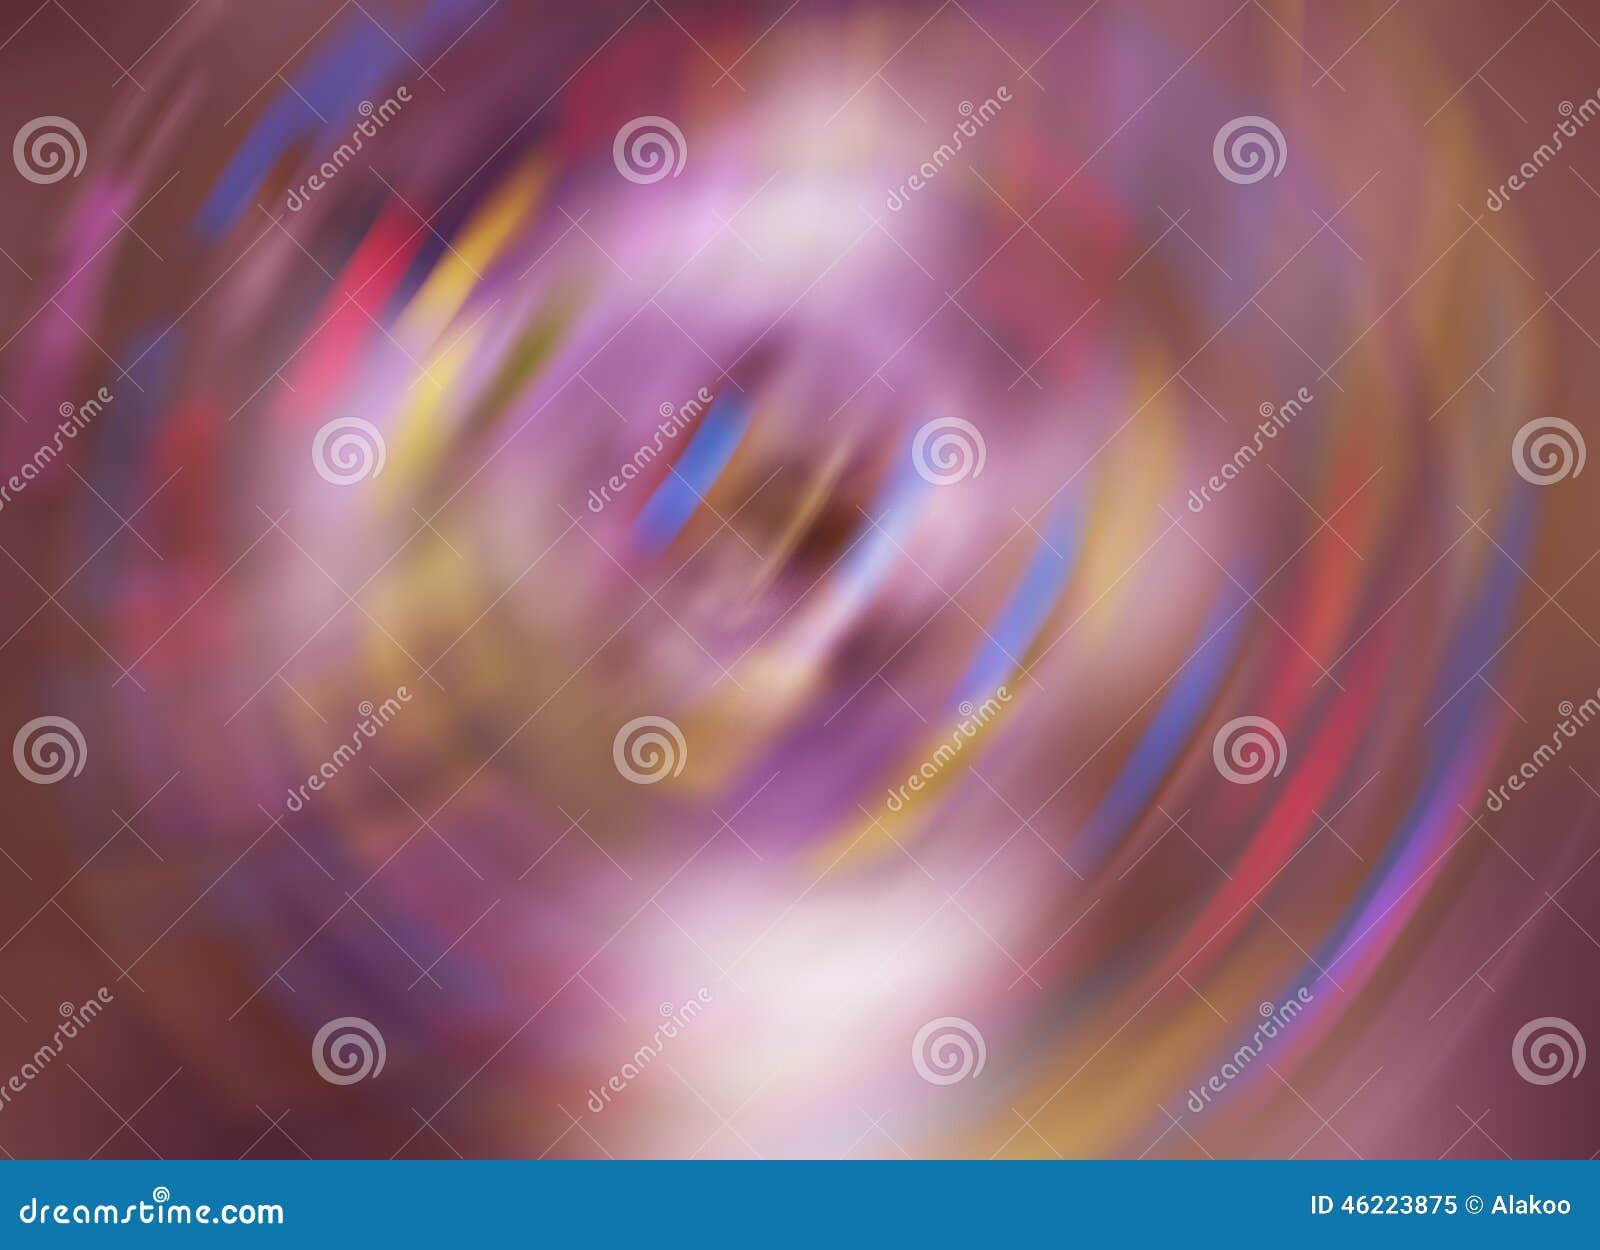 Colorez le fond abstrait de rotation de tache floue de mouvement de vitesse, tournez le modèle brouillé par rotation